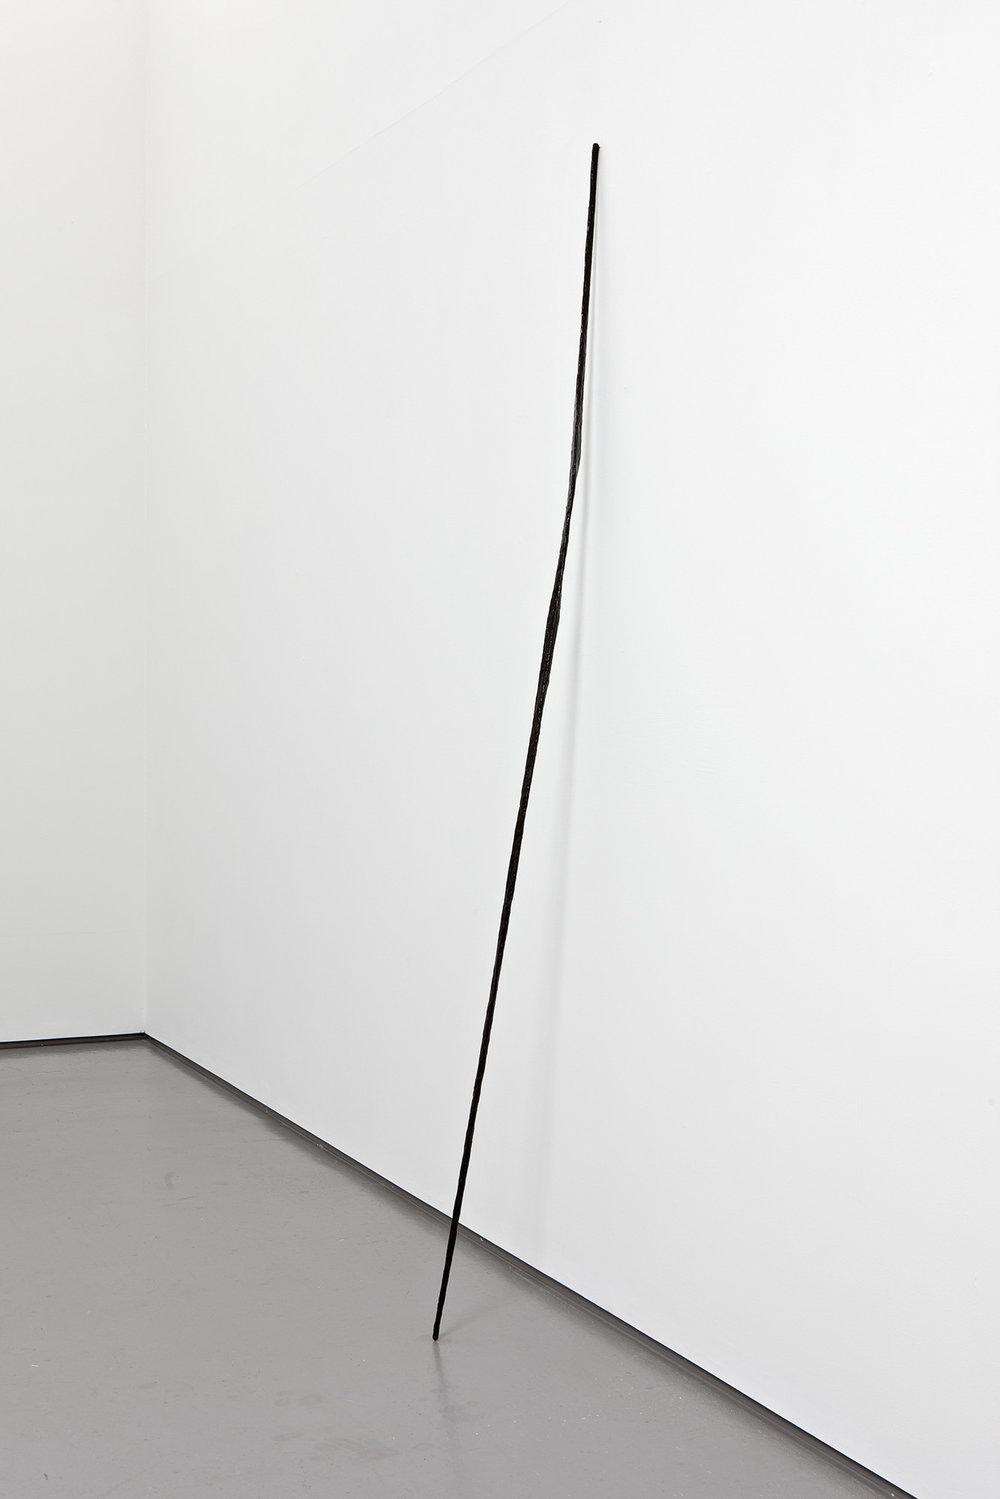 Sculpture III, 2006